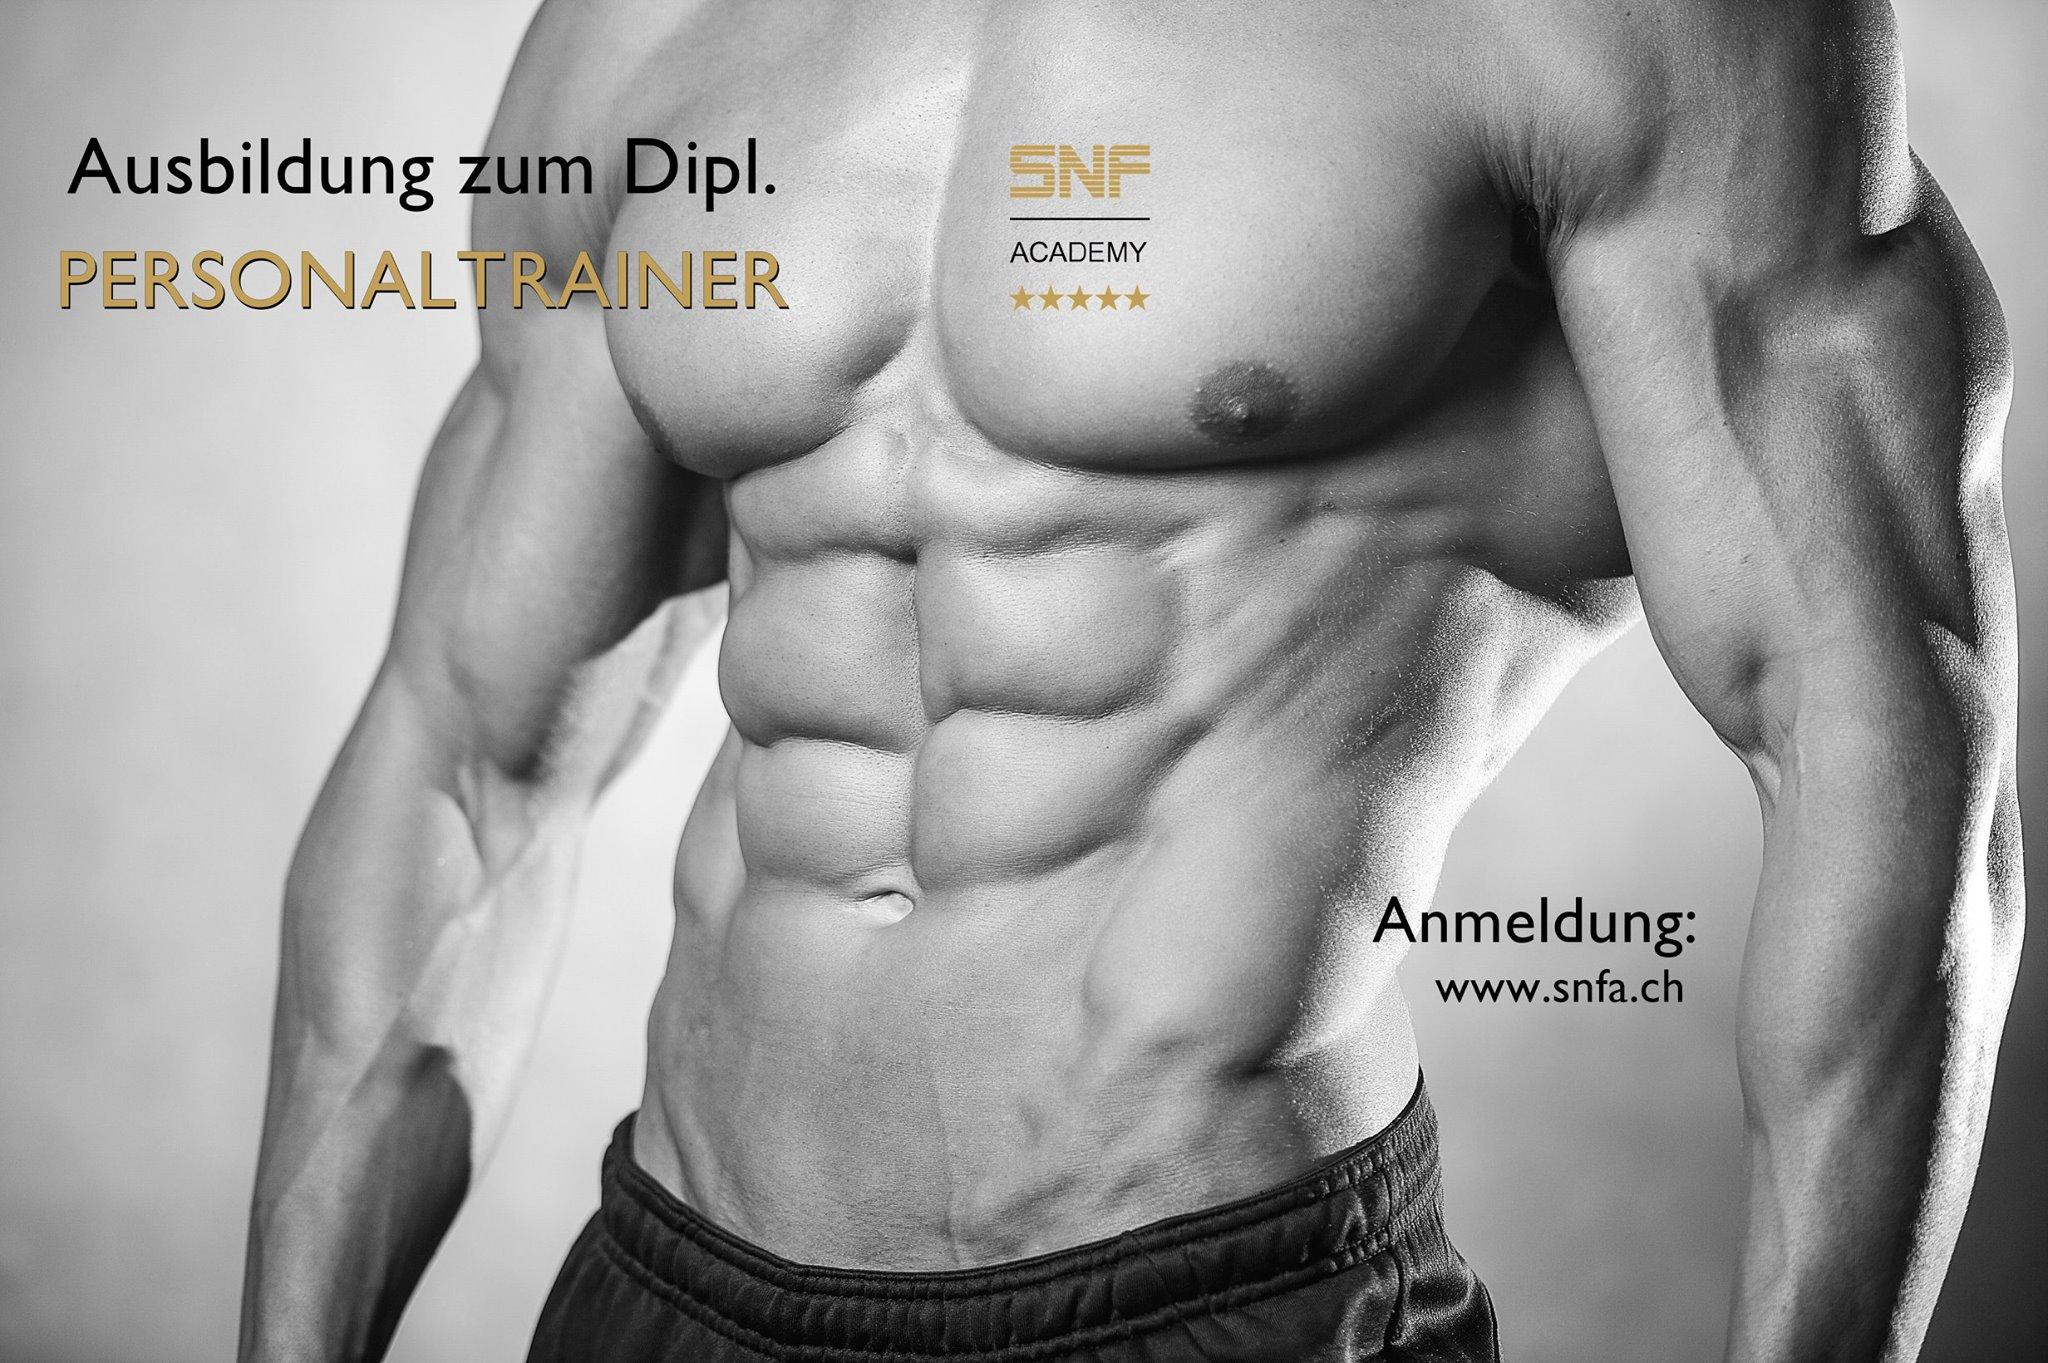 Ausbildung zum Dipl. Personaltrainer